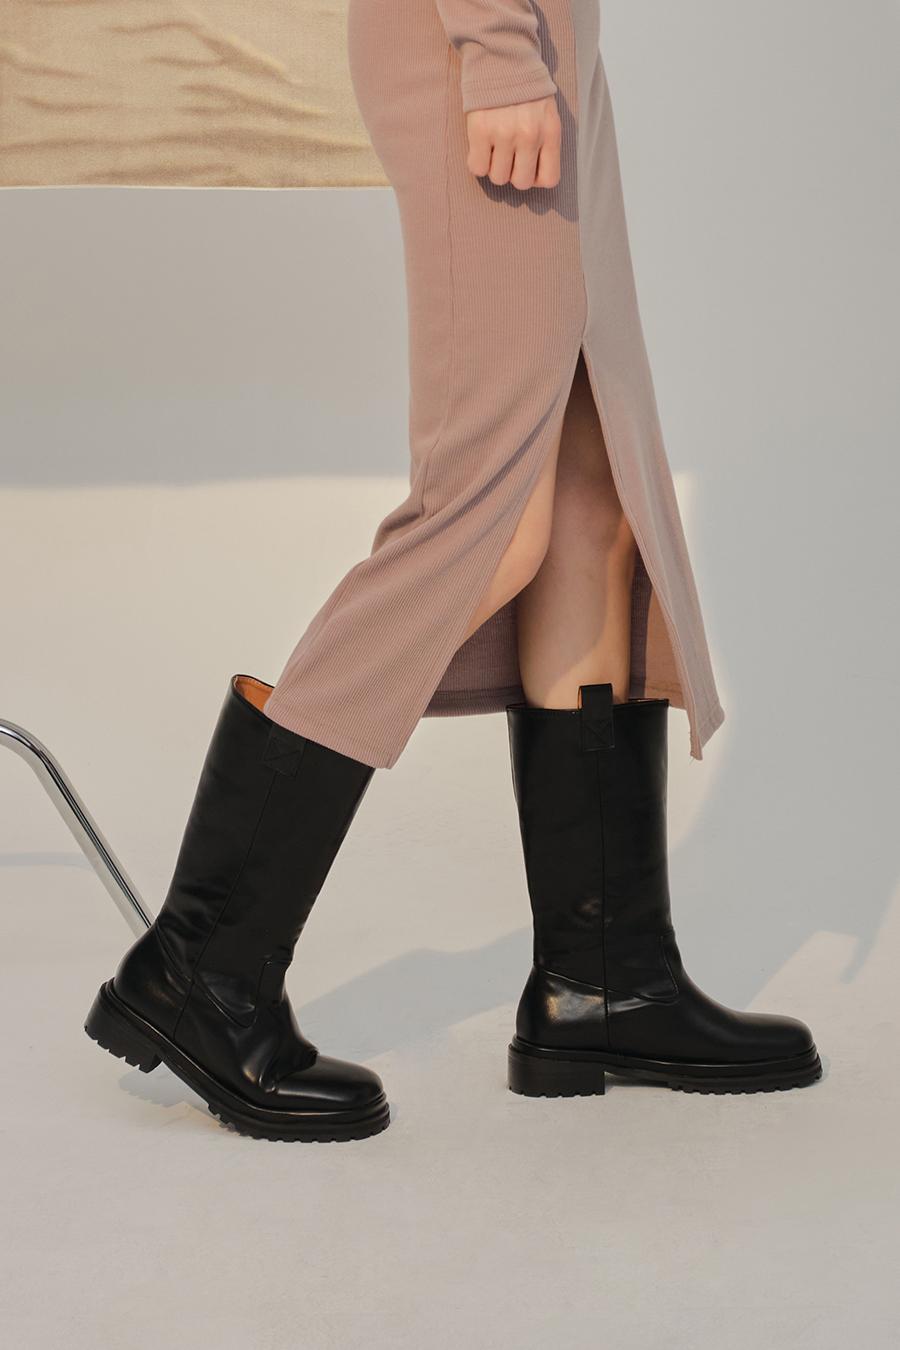 신발 모델 착용 이미지-S1L29